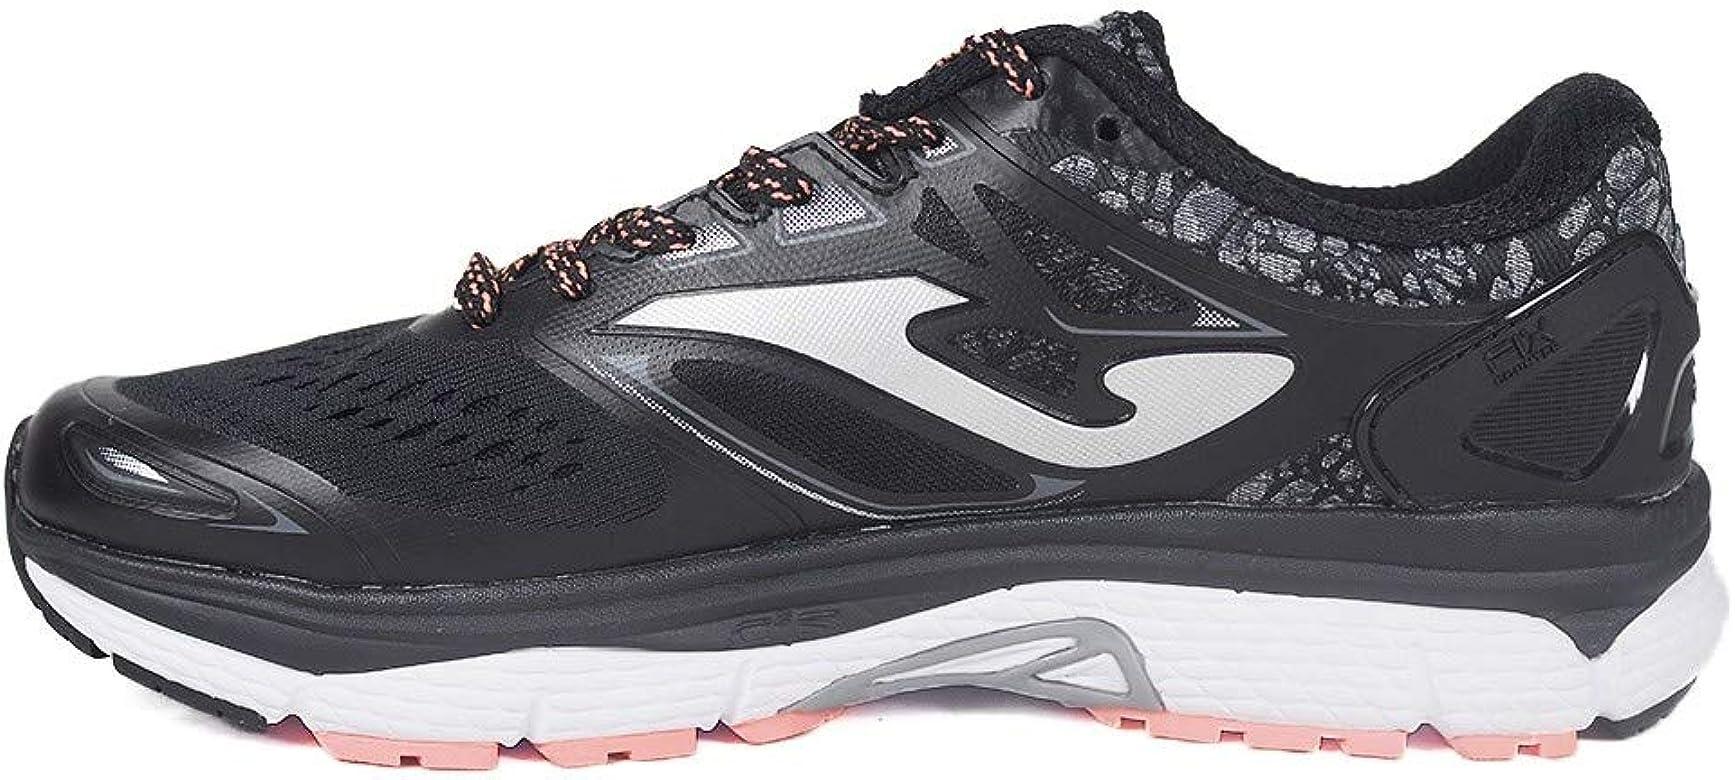 Zapatillas Deportivas para Hombre Joma Hispalis Lady 901 Negro - Color - Negro, Talla - 37: Amazon.es: Zapatos y complementos